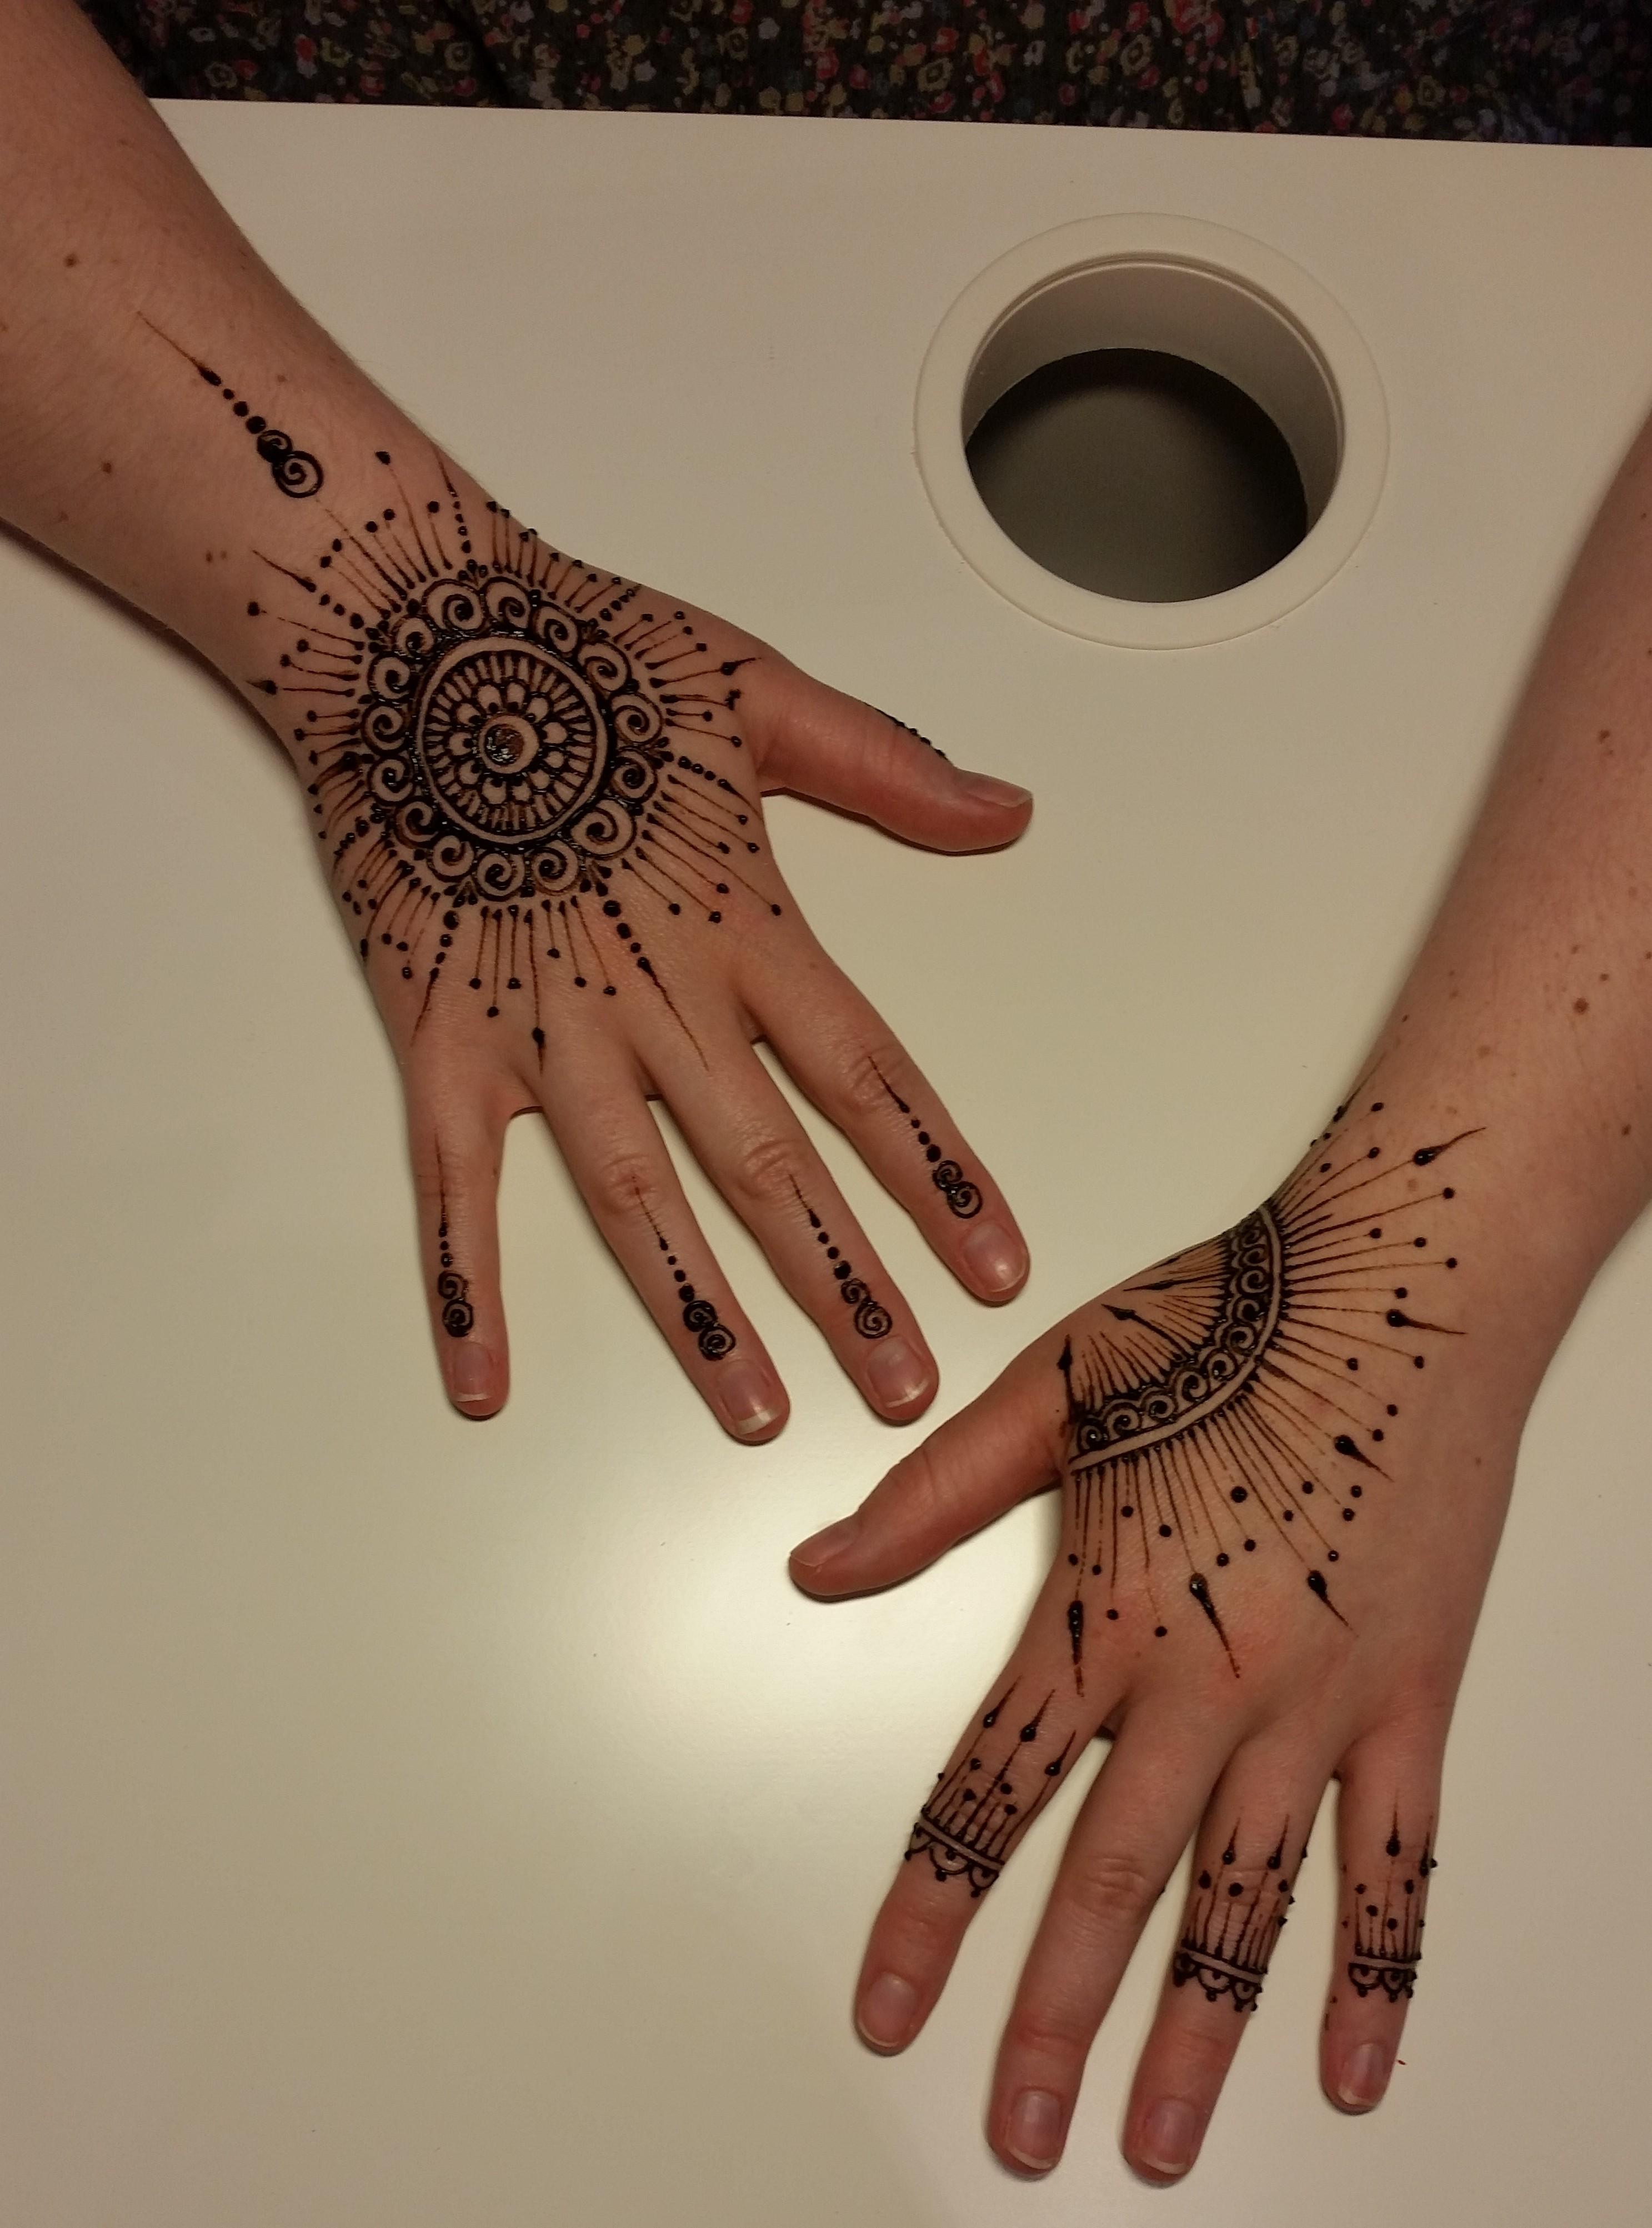 tatouages ph m res tours des paillettes et du henn avec la main de f e the cranky cocktail. Black Bedroom Furniture Sets. Home Design Ideas